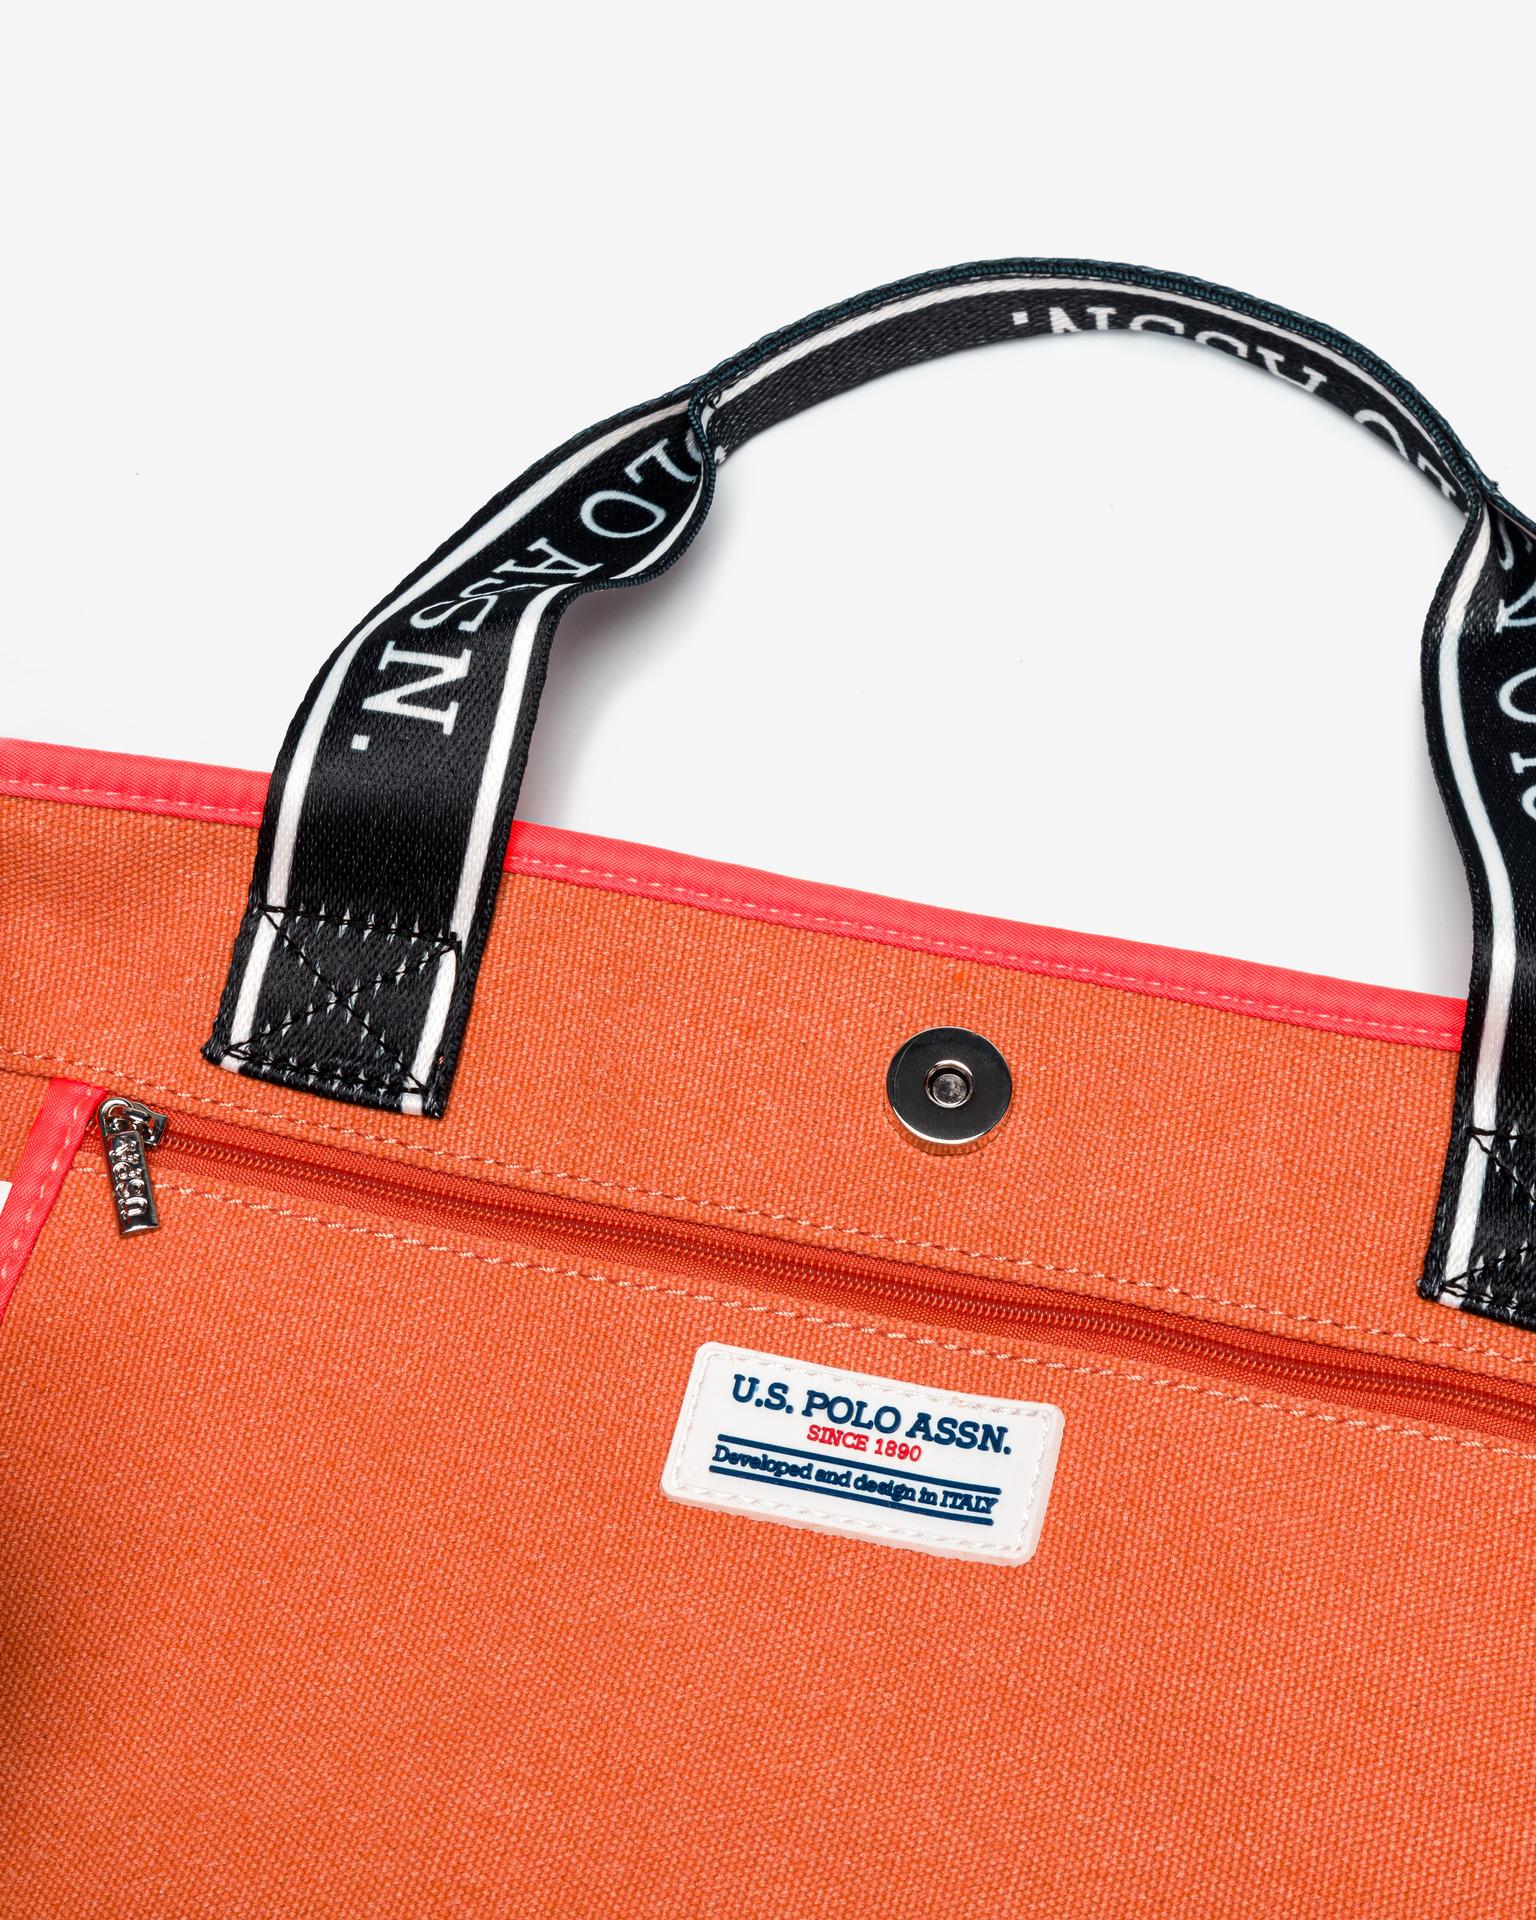 U.S. Polo Assn. Borsetta donna arancione  Taška